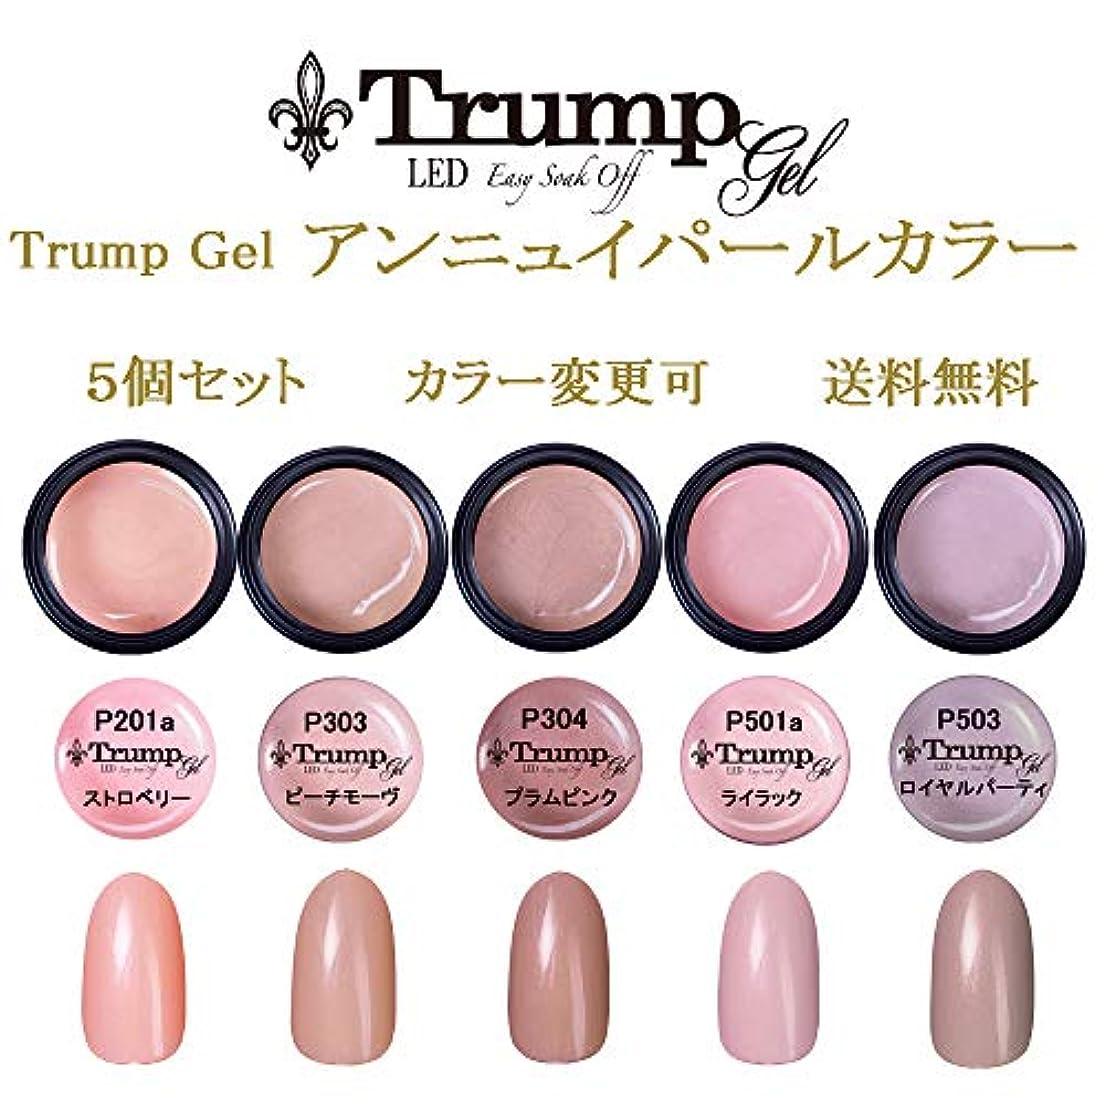 気味の悪いパワーいちゃつく日本製 Trump gel トランプジェル アンニュイ パール 選べる カラージェル 5個セット ピンク ベージュ パープル